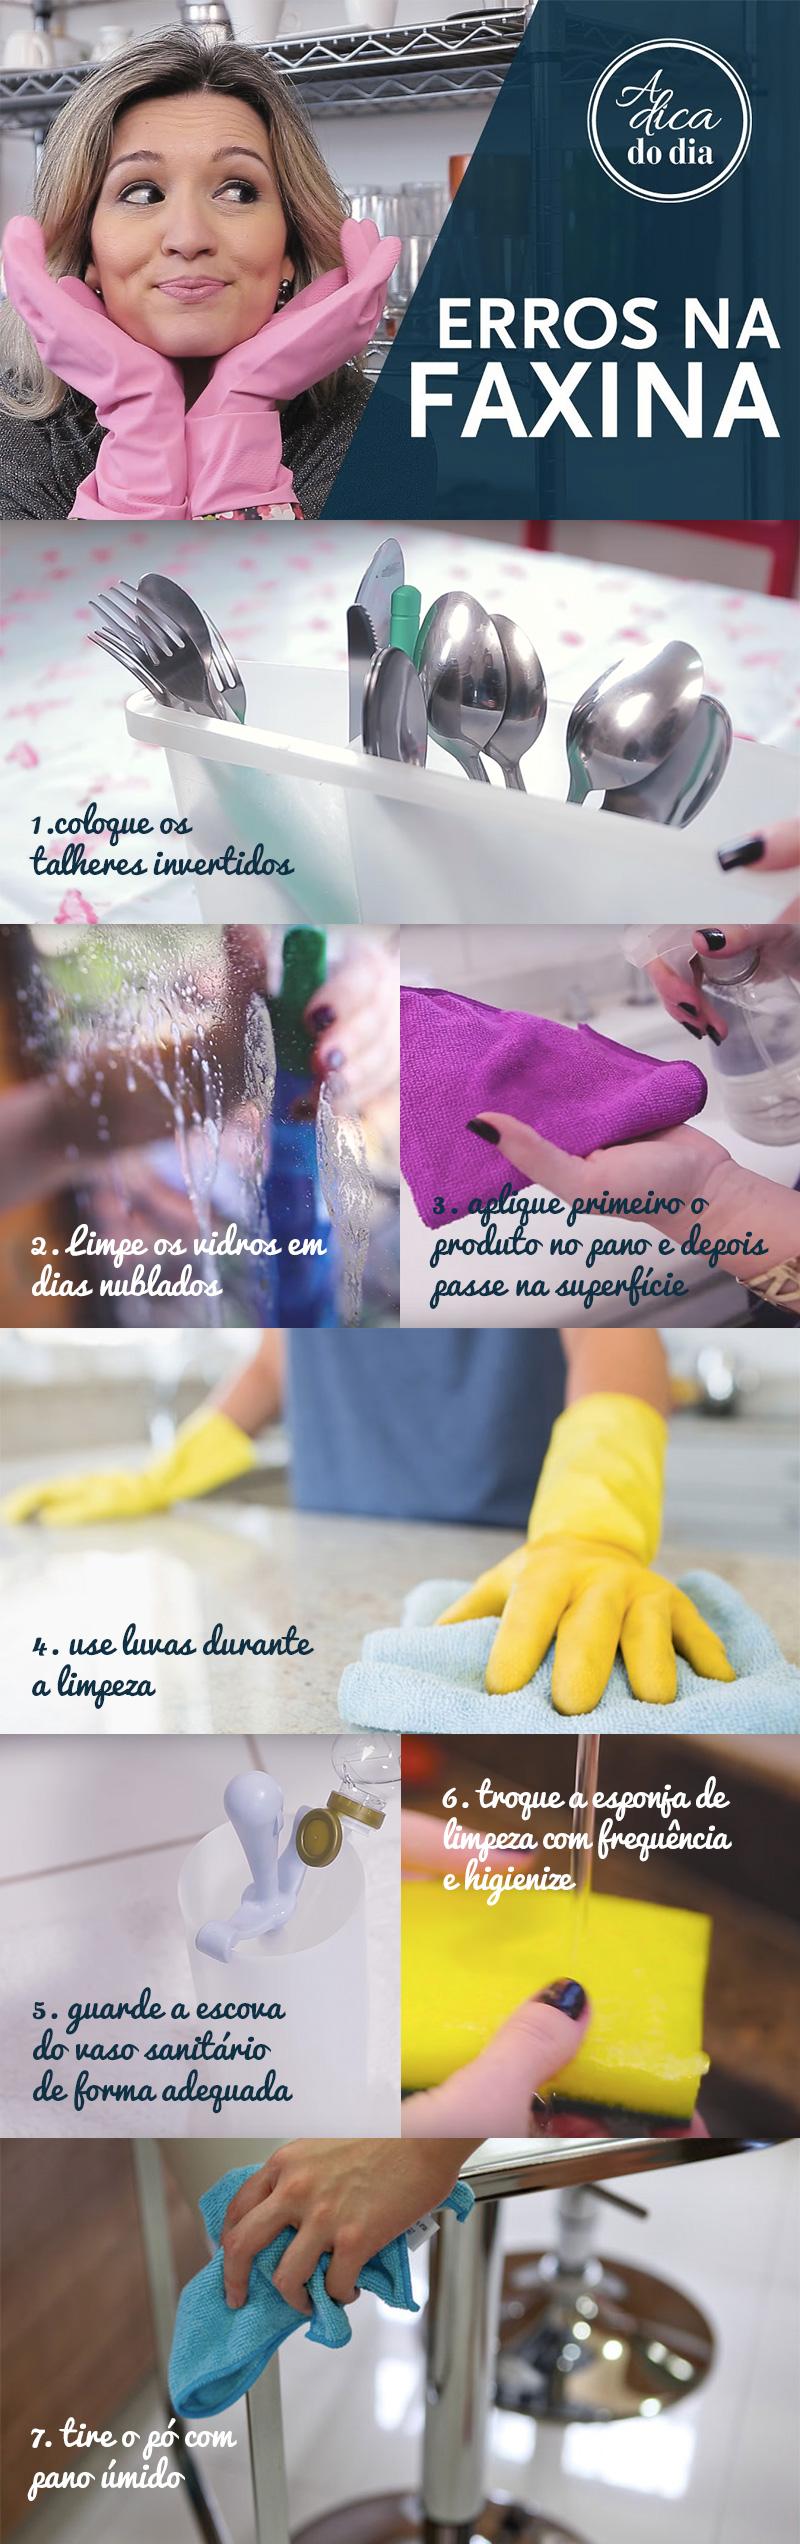 Conheça alguns erros comuns para você evitar na limpeza da sua casa